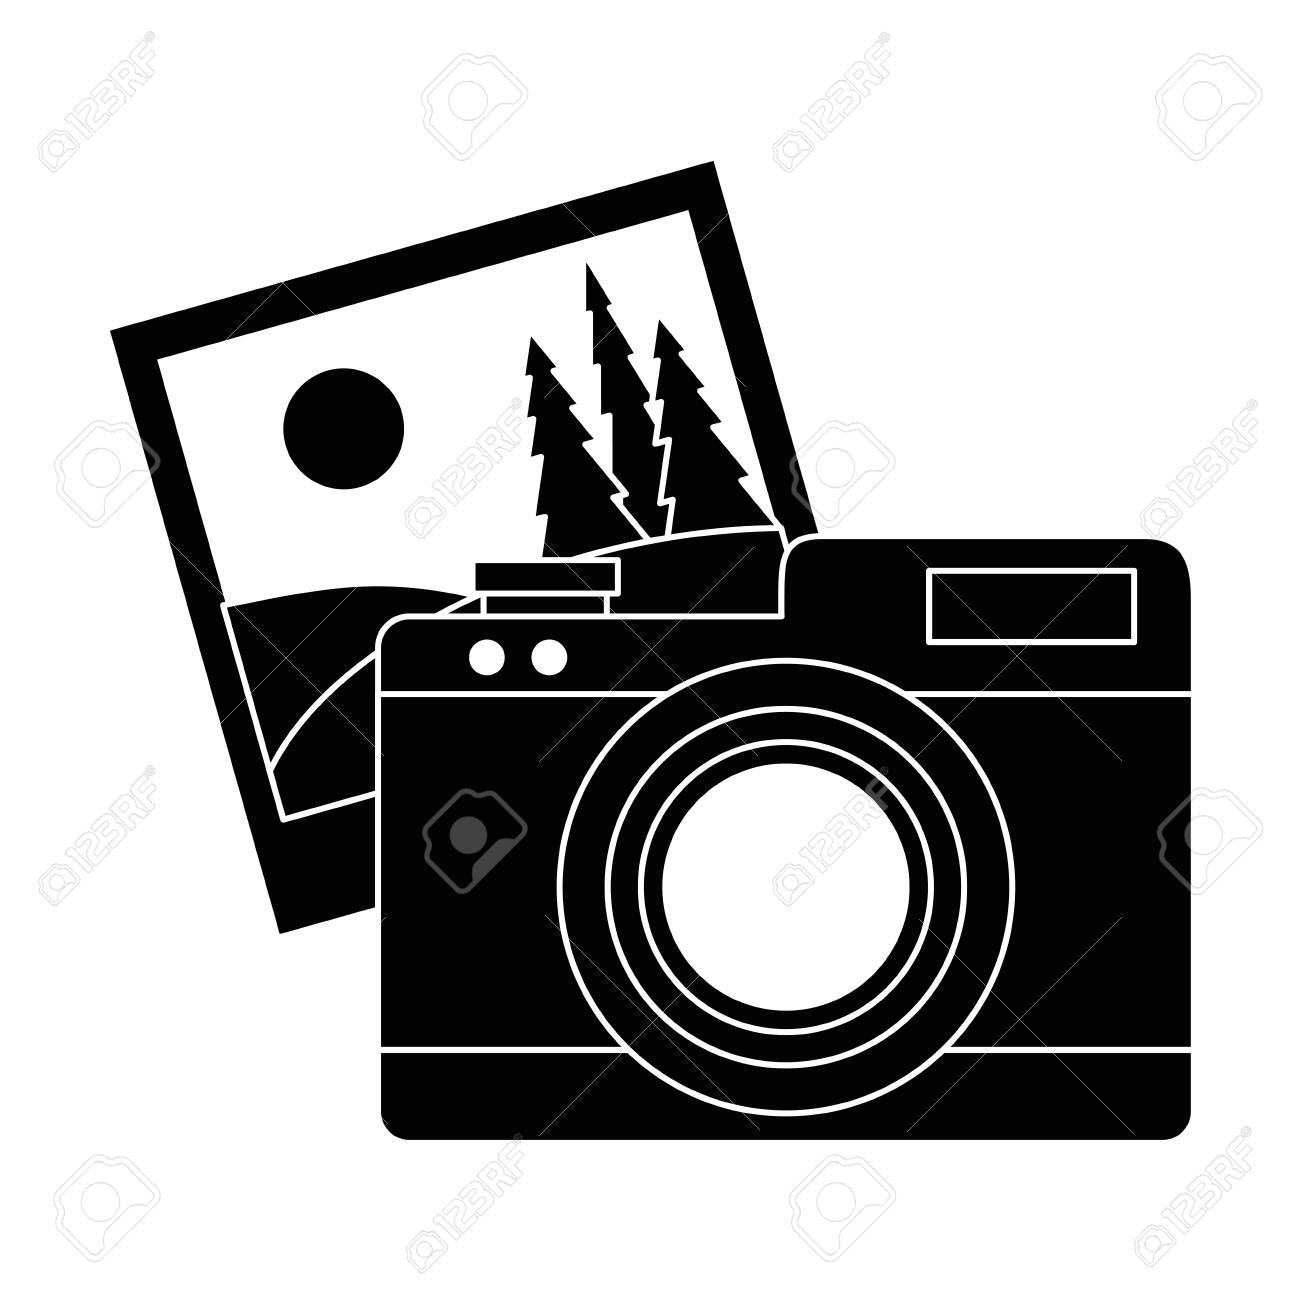 Camera Fotografica Com Desenho De Ilustracao Vetorial De Imagens